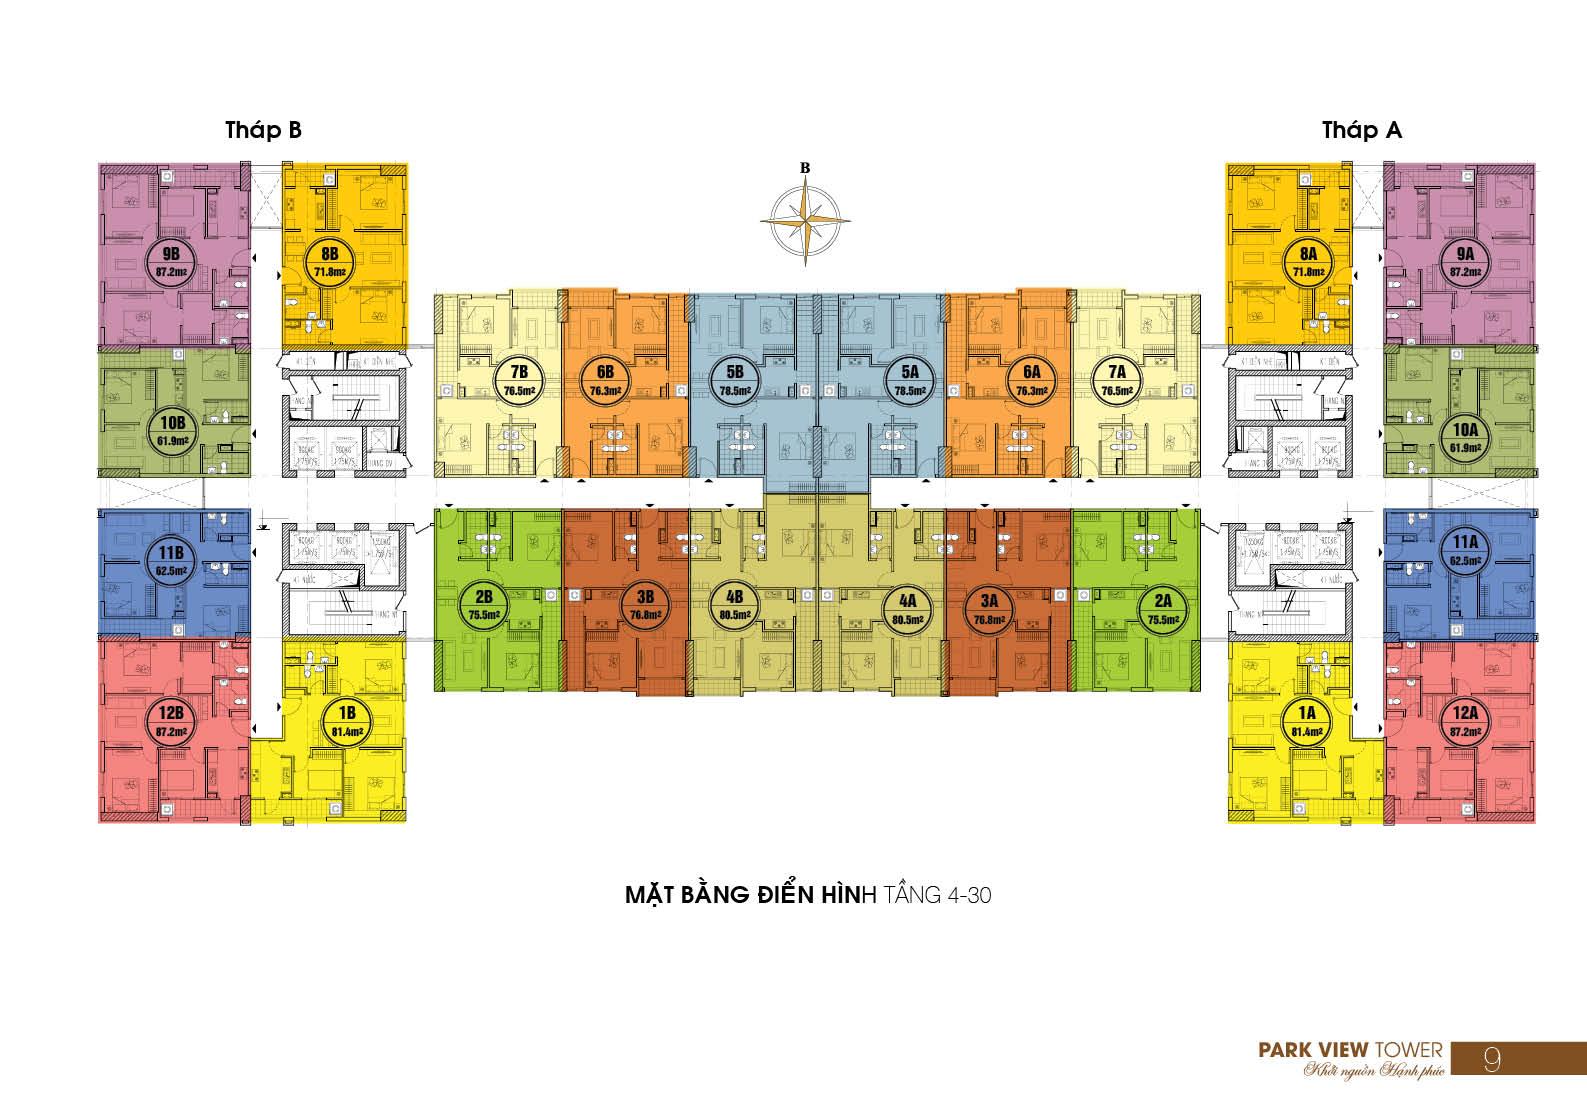 Mặt bằng điển hình tầng 4 - 30 Chung cư Đồng Phát Park View quận Hoàng Mai